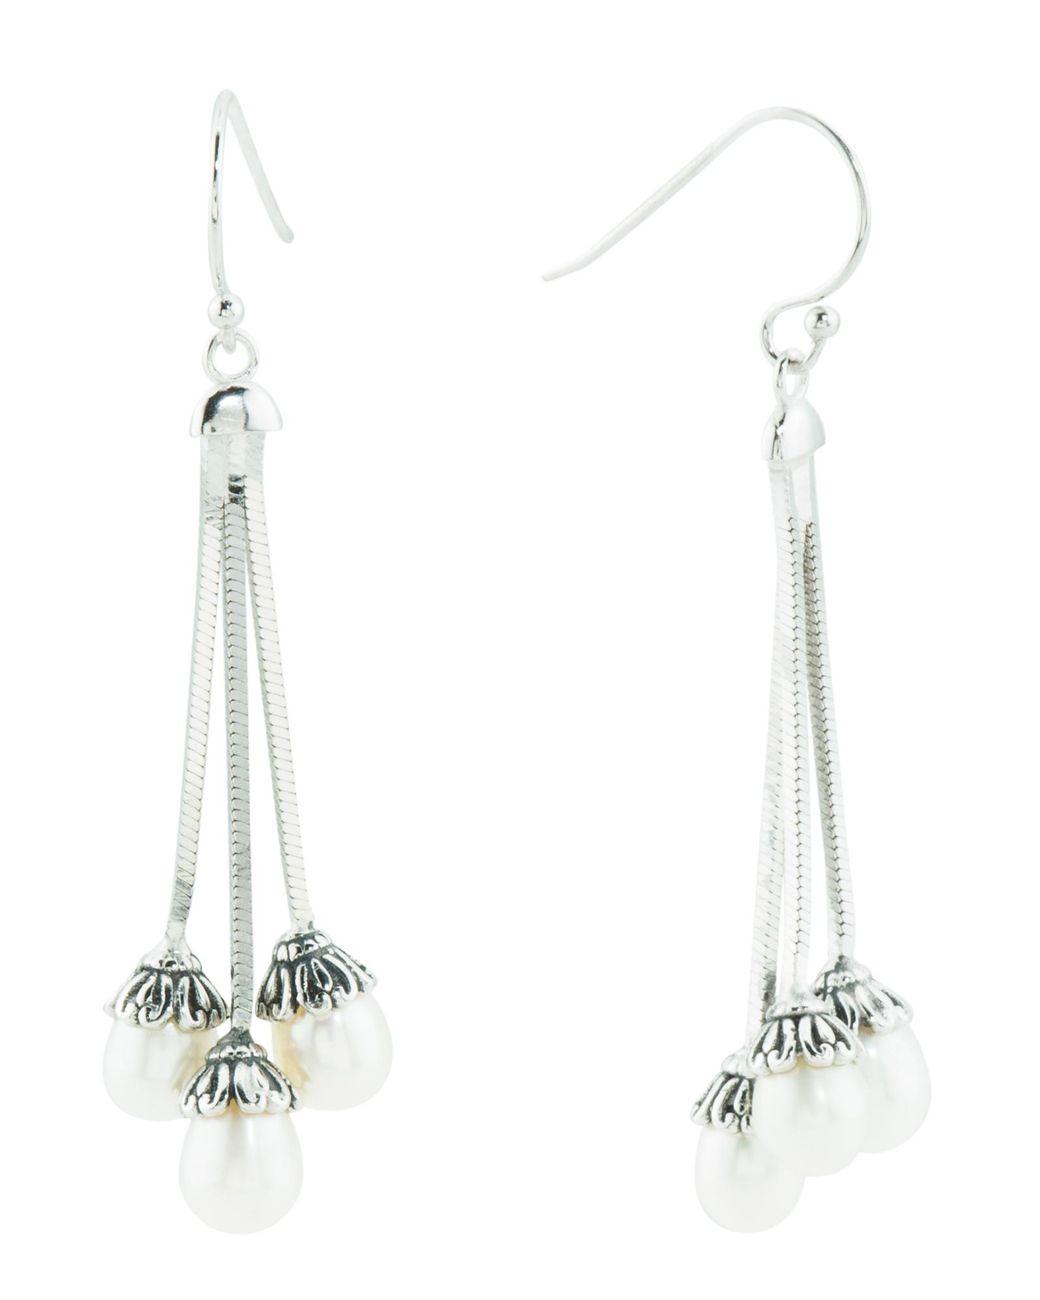 Daesar Silver Plated Stud Earrings Womens Rose Gold Earring Purple Bow Knot Earring CZ Earrings for Women